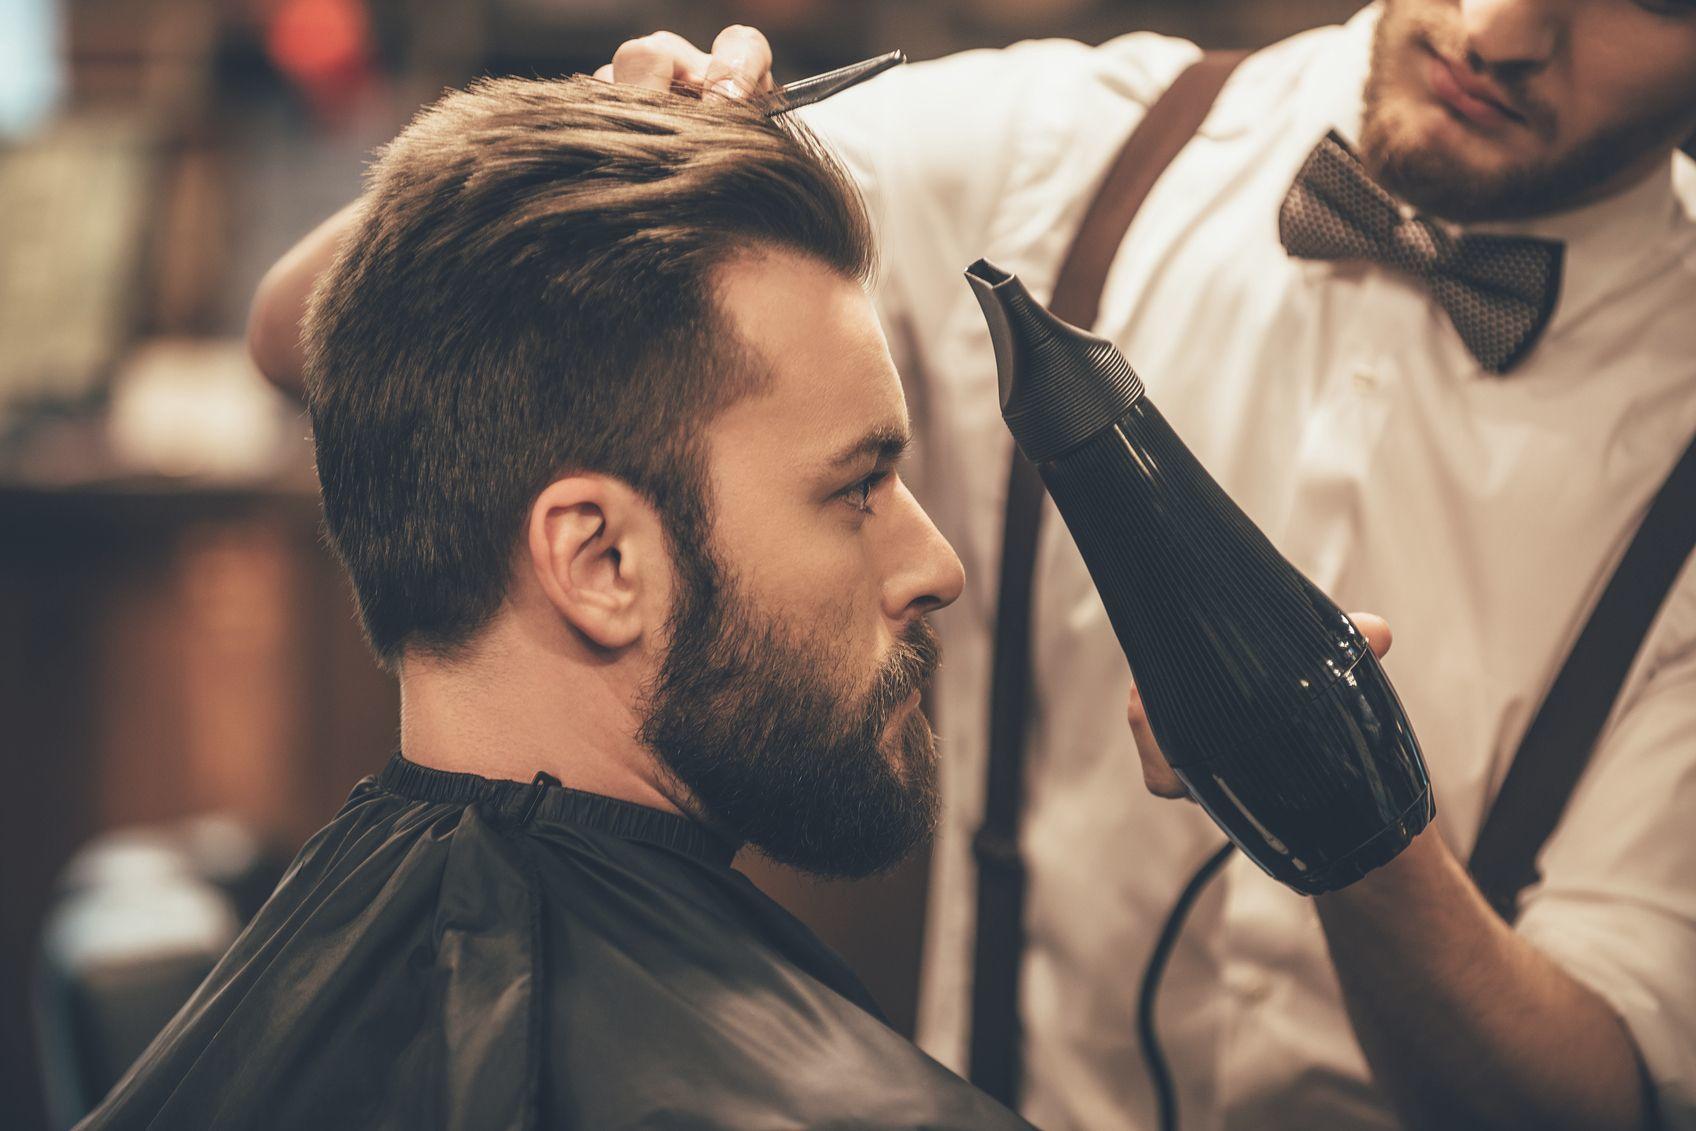 O字ハゲ(頭頂部ハゲ/つむじハゲ) 3.育毛剤の使用法に沿って塗布する